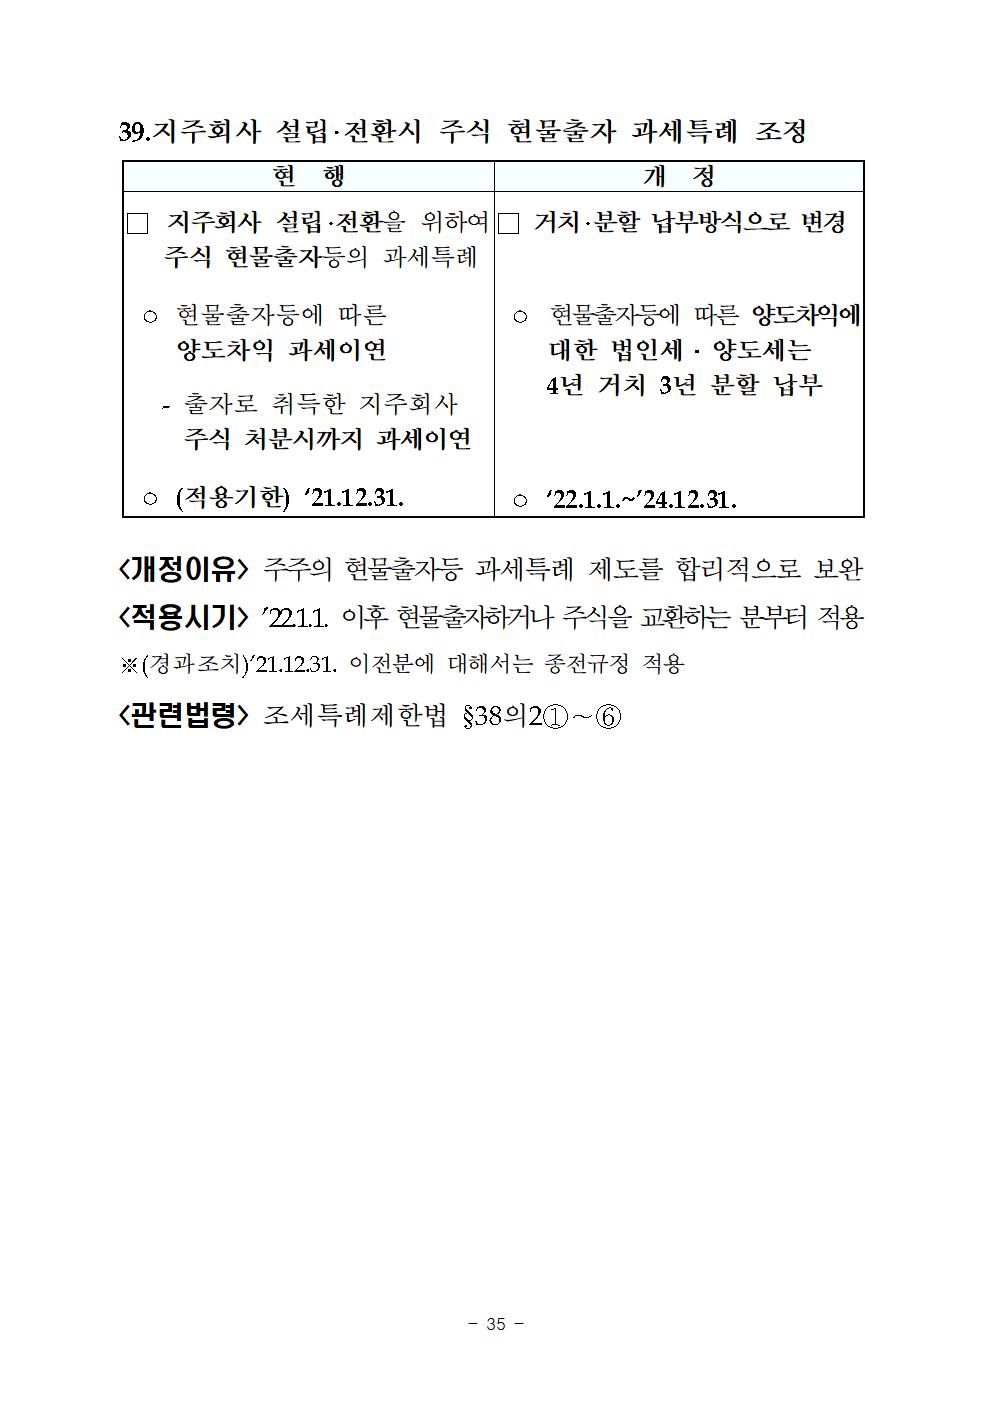 2019년세법개정내용(양도소득세분야)040.png